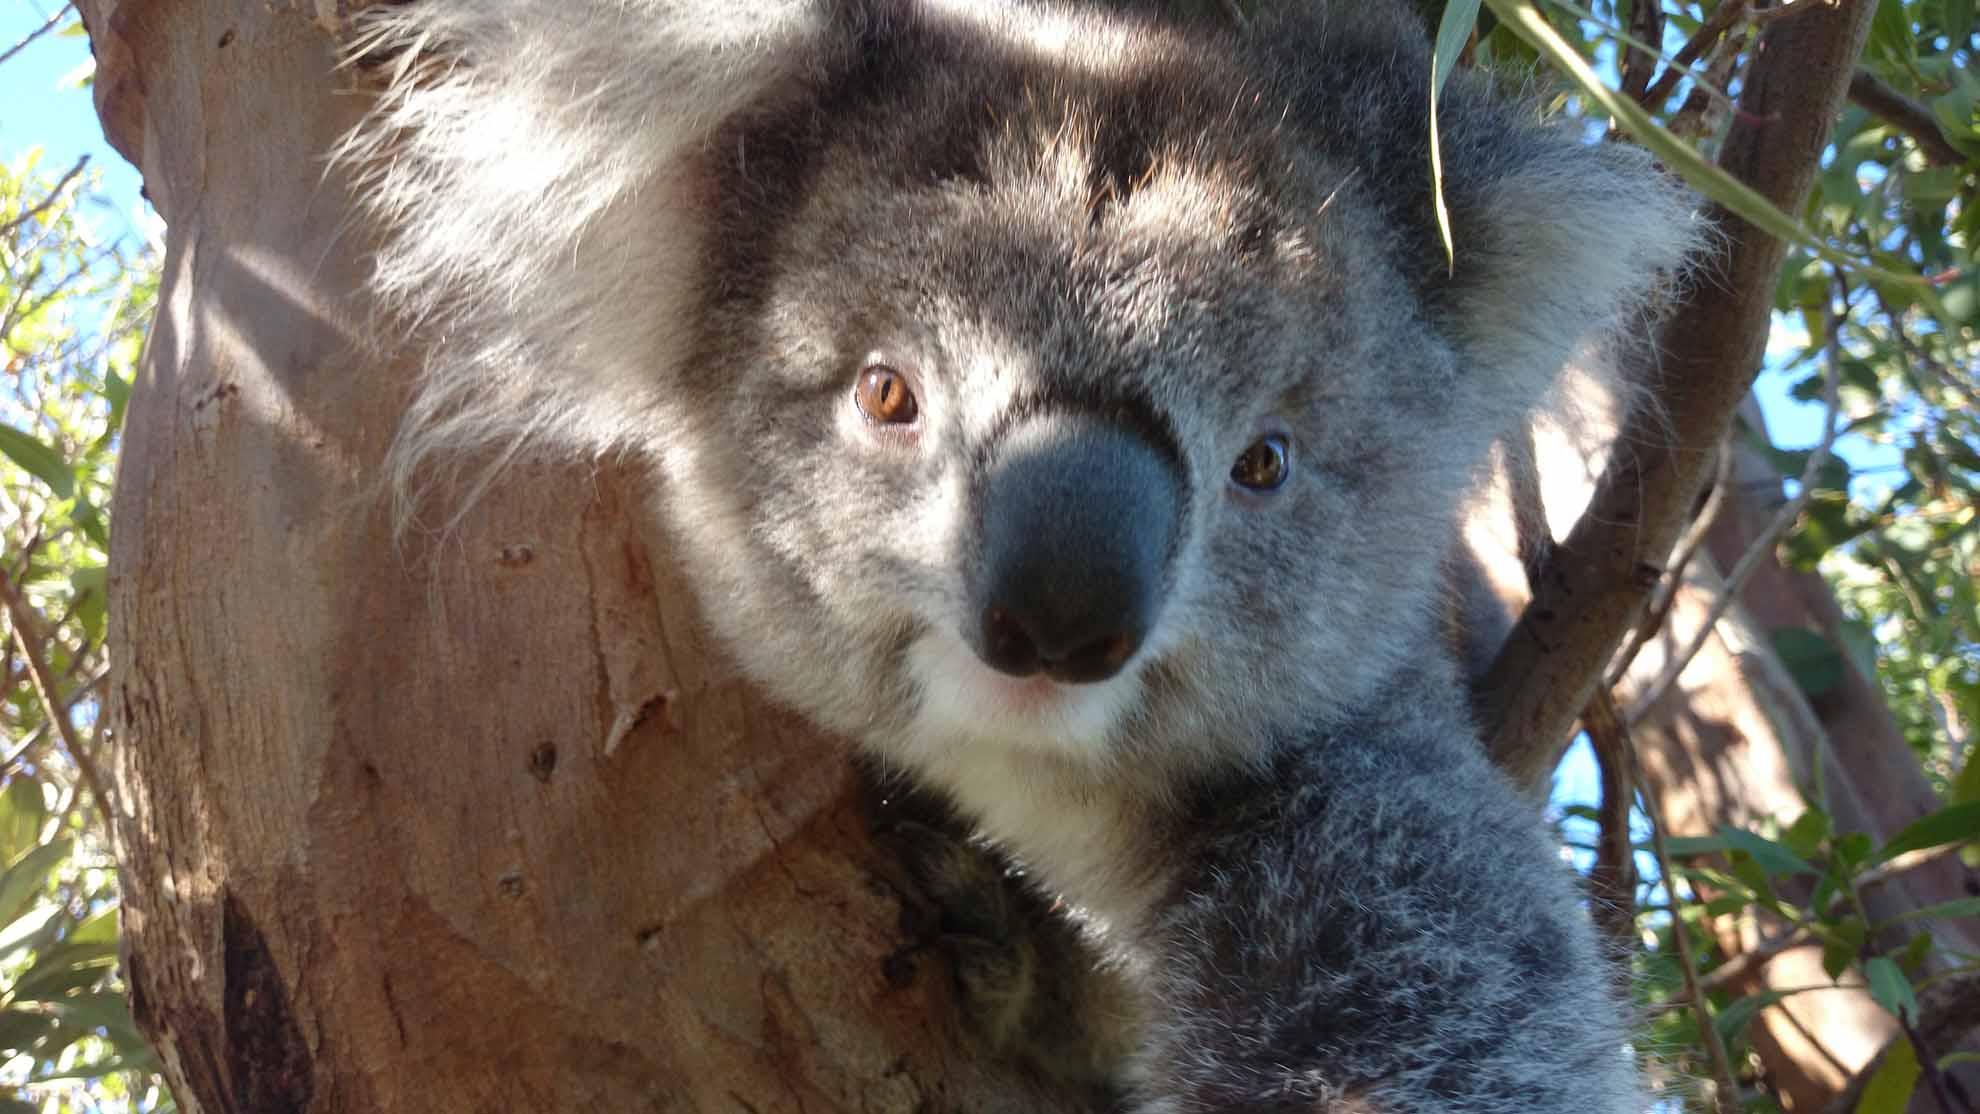 Have you seen a more photogenic Koala?